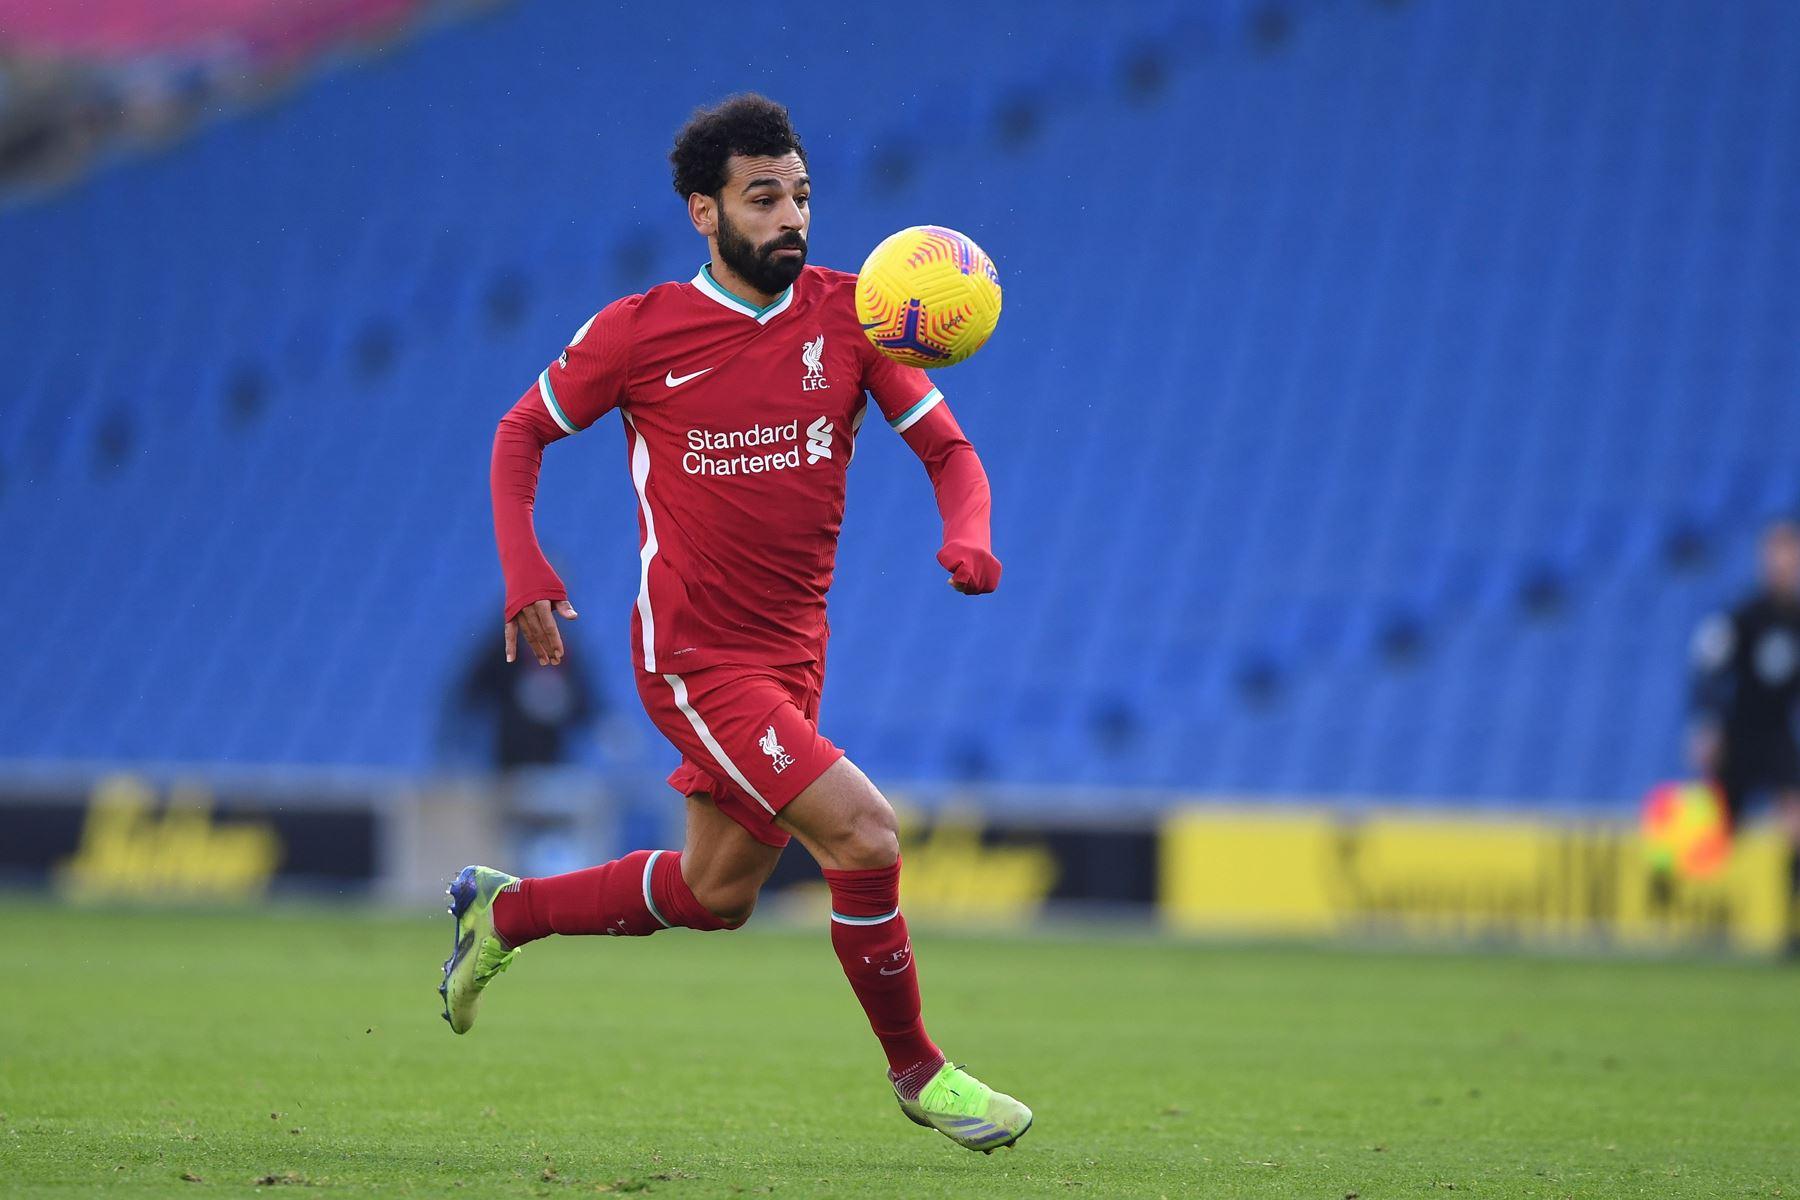 Mohamed Salah del Liverpool FC en acción durante el partido de fútbol de la Premier League inglesa, en Brighton, Gran Bretaña. Foto: EFE